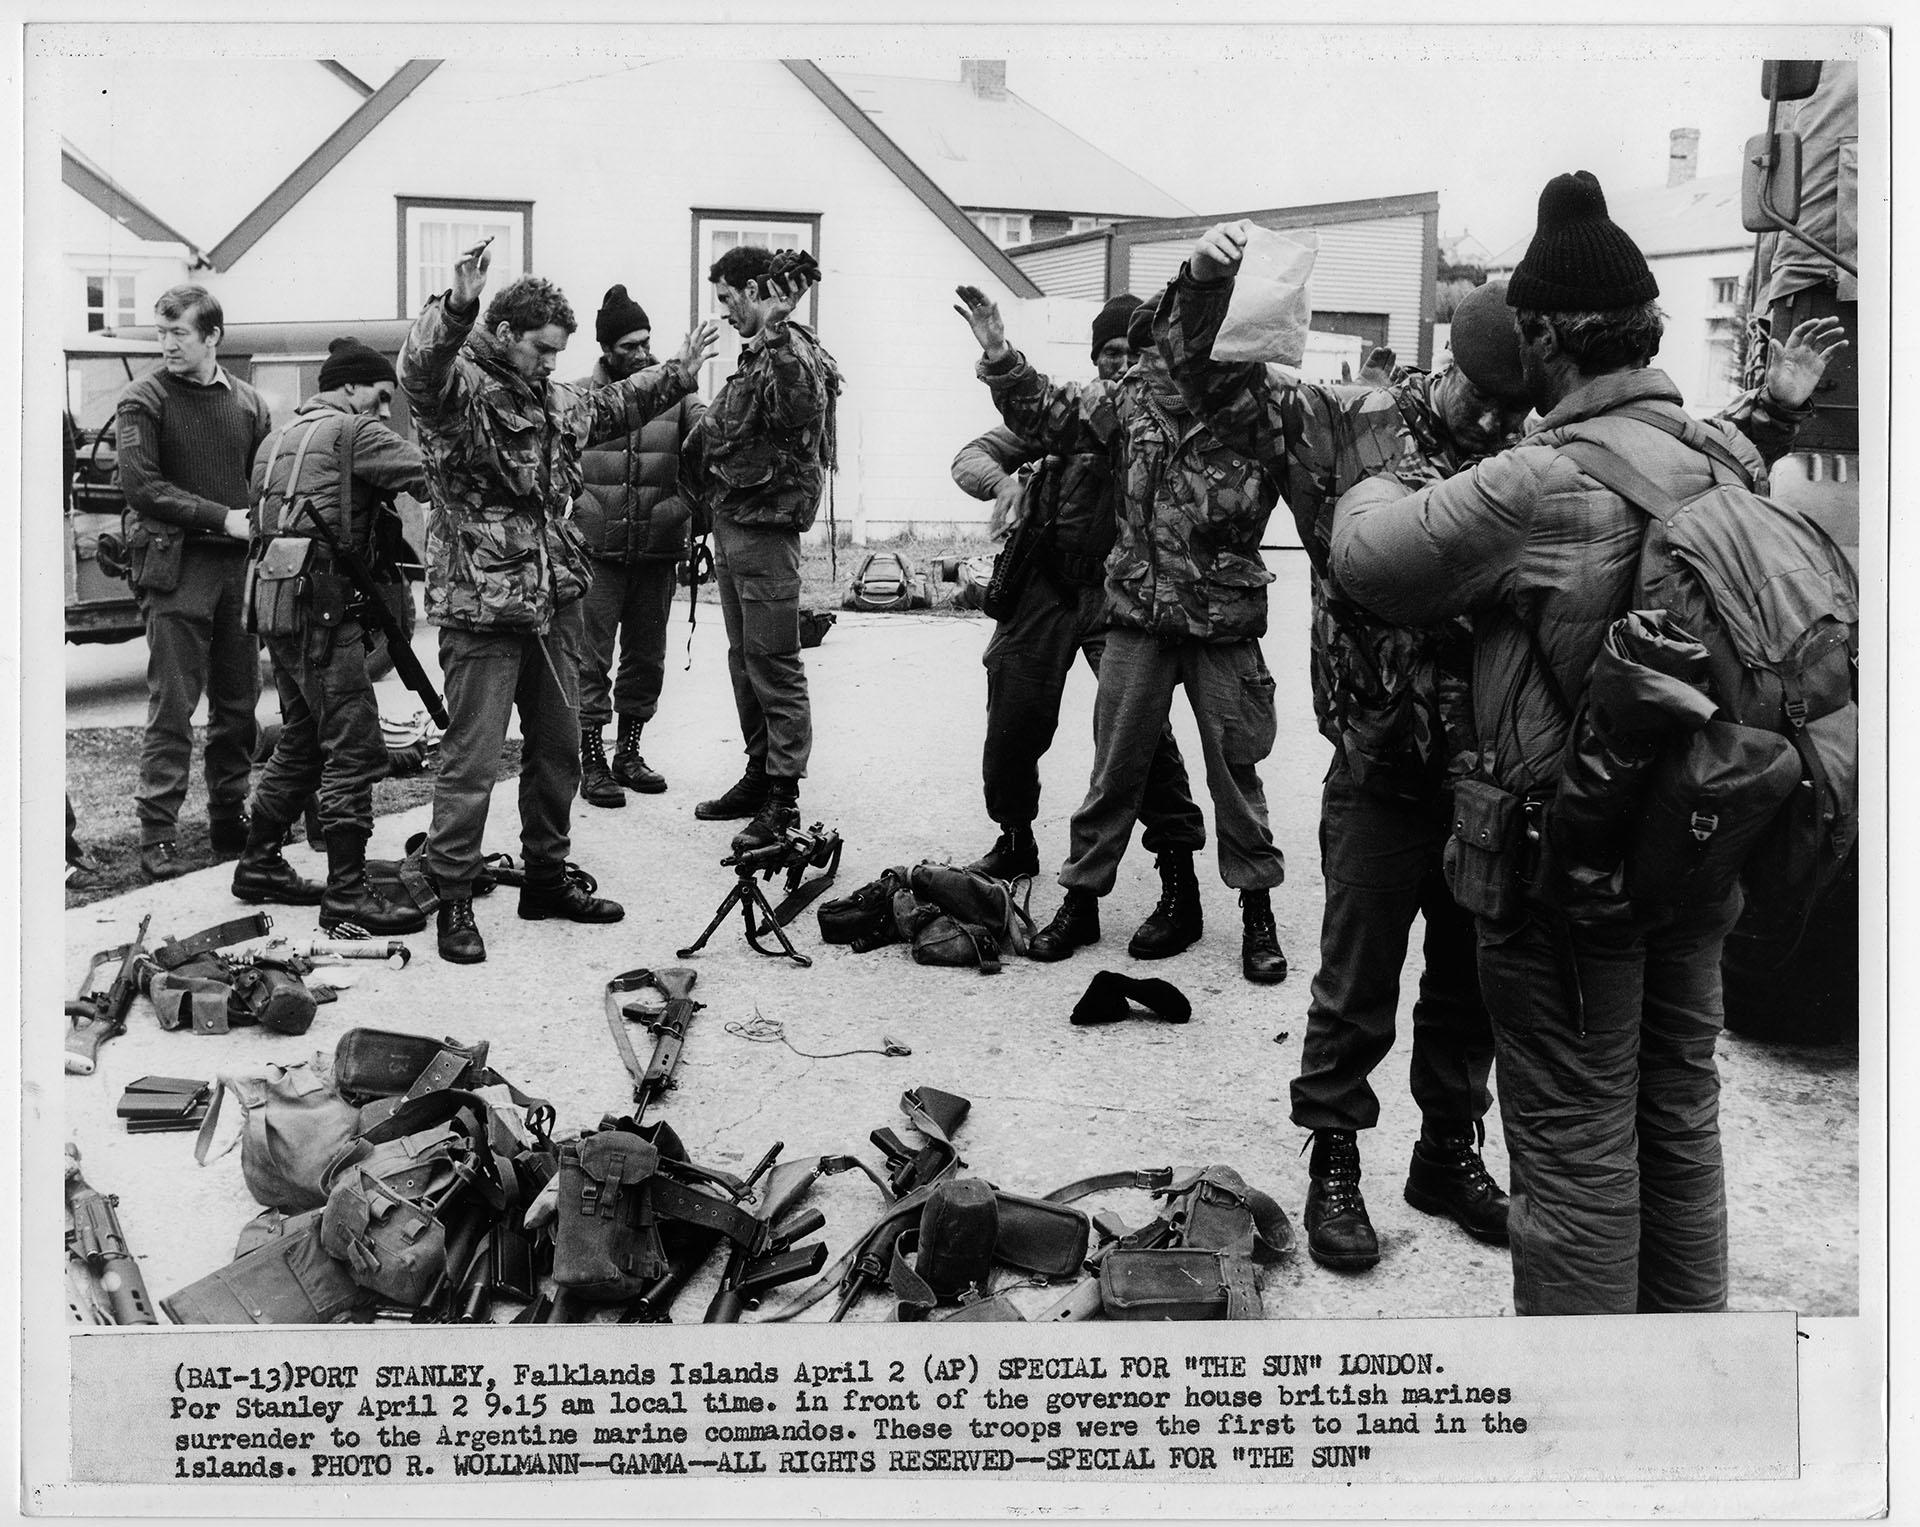 Los prisioneros británicos son revisados minuciosamente. En primer plano, parte de sus equipos, armas y municiones. Pese a lo dramático de la escena, no hay tensiones ni reproches (Foto: Rafael Wollmann)